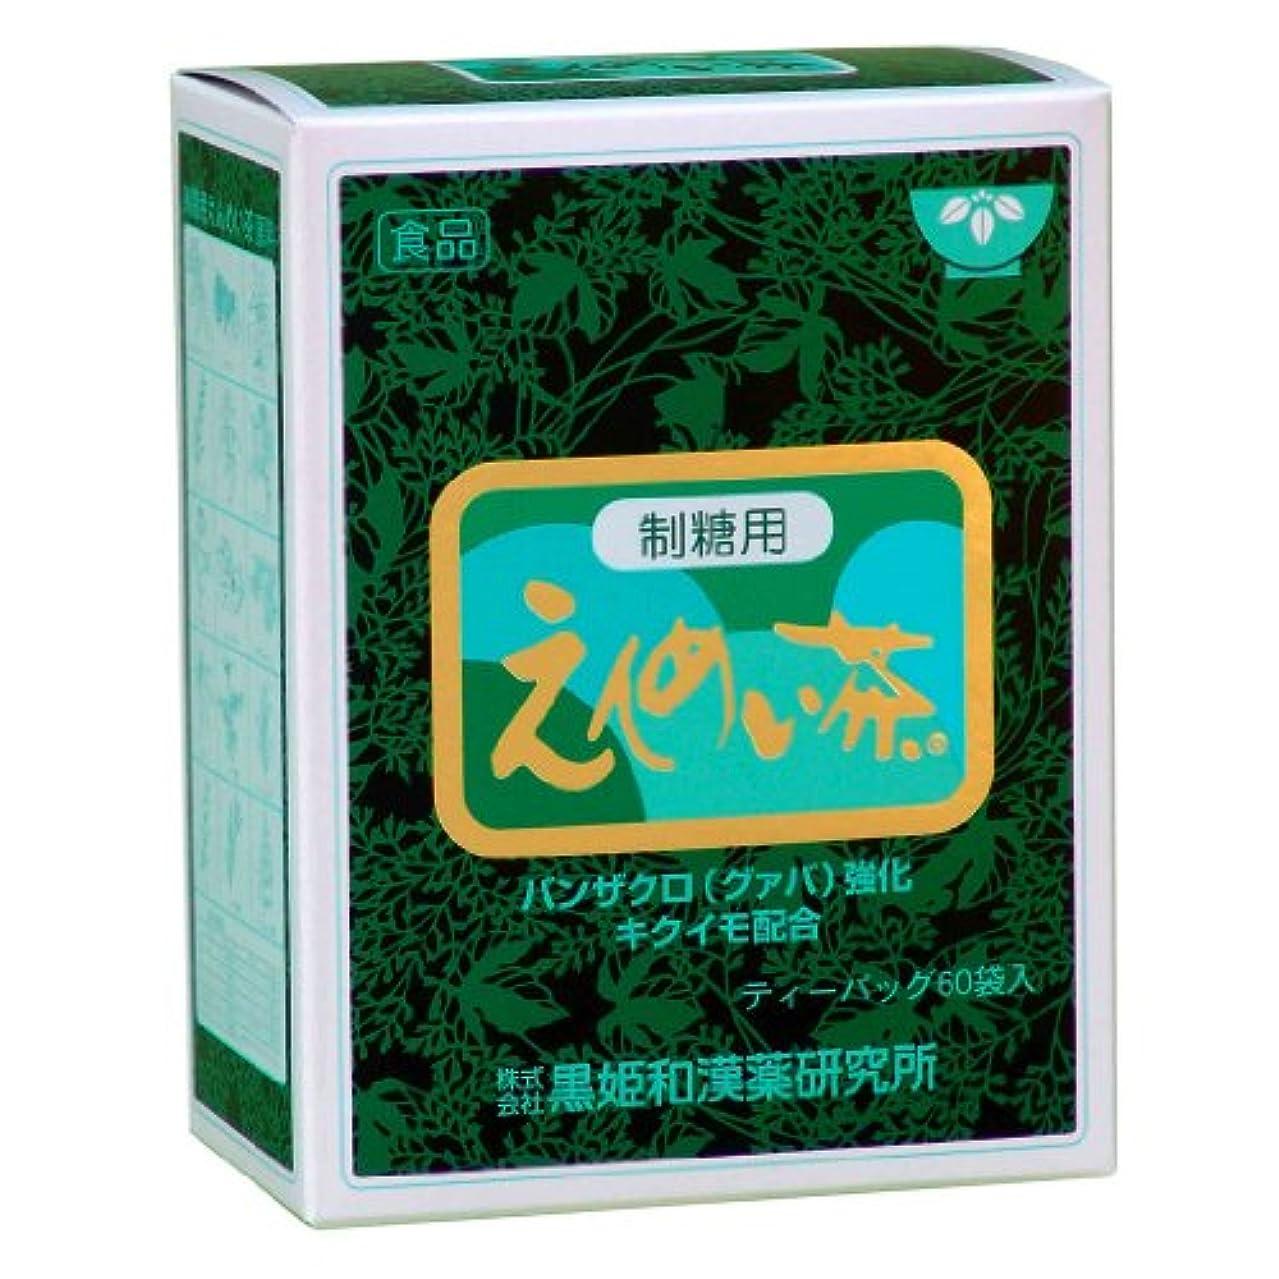 マウスピース嬉しいです誠実ユニマットリケン 黒姫えんめい茶制糖用 5gx60包